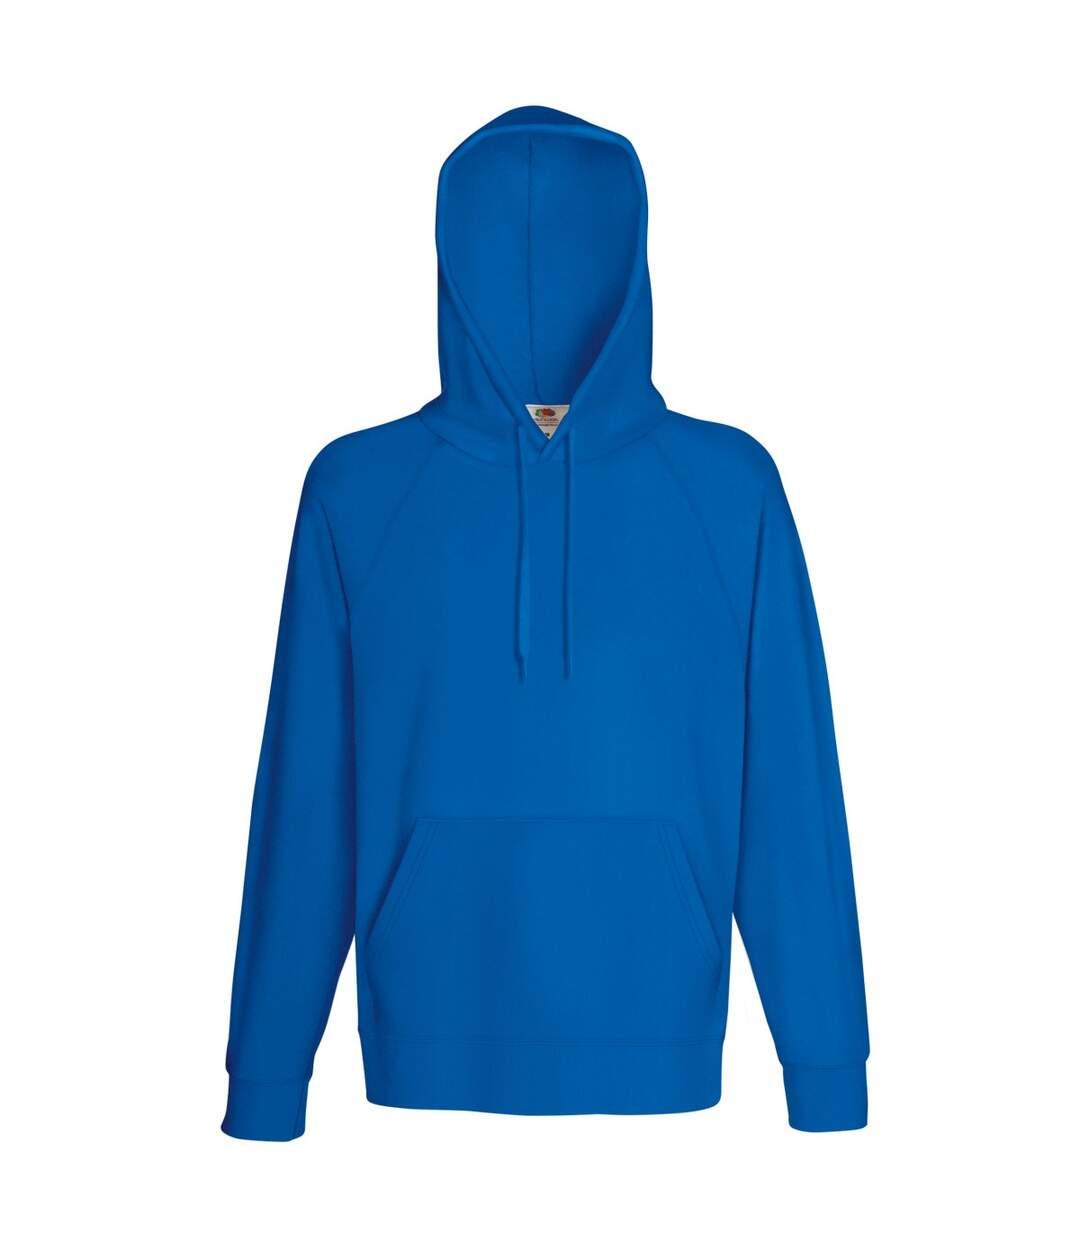 Fruit Of The Loom Mens Lightweight Hooded Sweatshirt / Hoodie (240 GSM) (Royal) - UTBC2654